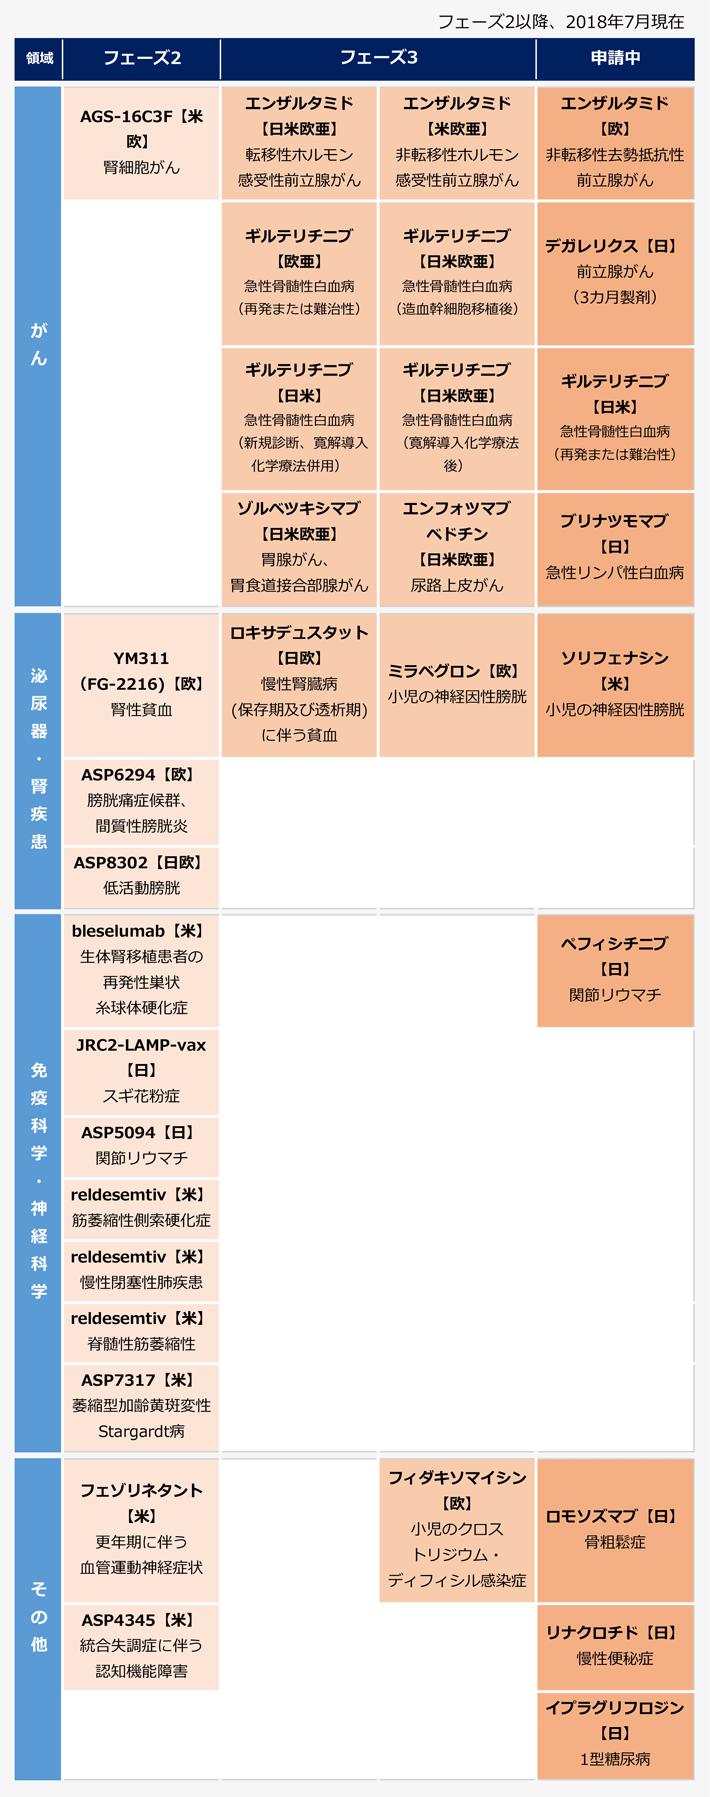 アステラス製薬のパイプラインの表。【がん】<フェーズ2>AGS-16C3F(米欧/胃細胞がん)。<フェーズ3>エンザルタミド(日米欧亜/転移性ホルモン感受性前立腺がん)、エンザルタミド(米欧亜/非転移性ホルモン感受性前立腺がん)、ギルテリチニブ(欧亜/急性骨髄性白血病・再発または難治性)、ギルテリチニブ(日米欧亜/急性骨髄性白血病・造血幹細胞移植後)、ギルテリチニブ(日米/急性骨髄性白血病・新規診断・寛解導入化学療法併用)、ギルテリチニブ(日米欧亜/急性骨髄性白血病・寛解導入化学療法後)、ゾルベツキシマブ(日米欧亜/胃腺がん、胃食道接合部腺がん)、エンフォツマブベドチン(日米欧亜/尿路上皮がん)。<申請中>エンザルタミド(欧/非転移性去勢抵抗性前立腺がん)、デガレリクス(日/前立腺がん・3ヶ月製剤)、ギルテリチニブ(日米/急性骨髄性白血病・再発または難治性)、ブリナツモマブ(日/急性リンパ性白血病)。【泌尿期・腎疾患】<フェーズ2>YM311・FG-2216(欧/腎性貧血)、ASP6294(欧/膀胱痛症候群、間質性膀胱炎)、ASP8302(日欧/低活動膀胱)。<フェーズ3>ロキサデュスタット(日欧/慢性腎臓病・保存期及び透析期に伴う貧血)、ミラベグロン(欧/小児の神経因性膀胱)、<申請>ソリフェナシン(米/小児の神経因性膀胱)。【免疫科学・神経科学】bleselumab(米/生体腎移植患者の再発性巣状糸球体硬化症)、JRC2-LAMP-vax(日/スギ花粉症)、ASP5094(日/関節リウマチ)、reldesemtiv(米/筋萎縮性側索硬化症)、reldesemtiv(米/慢性閉塞性肺疾患)、reldesemtiv(米/脊髄性筋萎縮性)、ASP7317(米/萎縮型加齢黄斑変性・Stargardt病)。<申請中>ペフィシチニブ(日/関節リウマチ)。【その他】<フェーズ2>フェゾリネタント(米/更年期に伴う血管運動神経症状)、ASP4345(米/統合失調症に伴う認知脳障害)、<フェーズ3>フィダキソマイシン(欧/小児のクロスと理事有無・ディフィシル感染症)。<申請中>ロモソズマブ(日/骨粗鬆症)、リナクロチド(日/慢性便秘症)、イプラグリフロジン(日/1型糖尿病)。